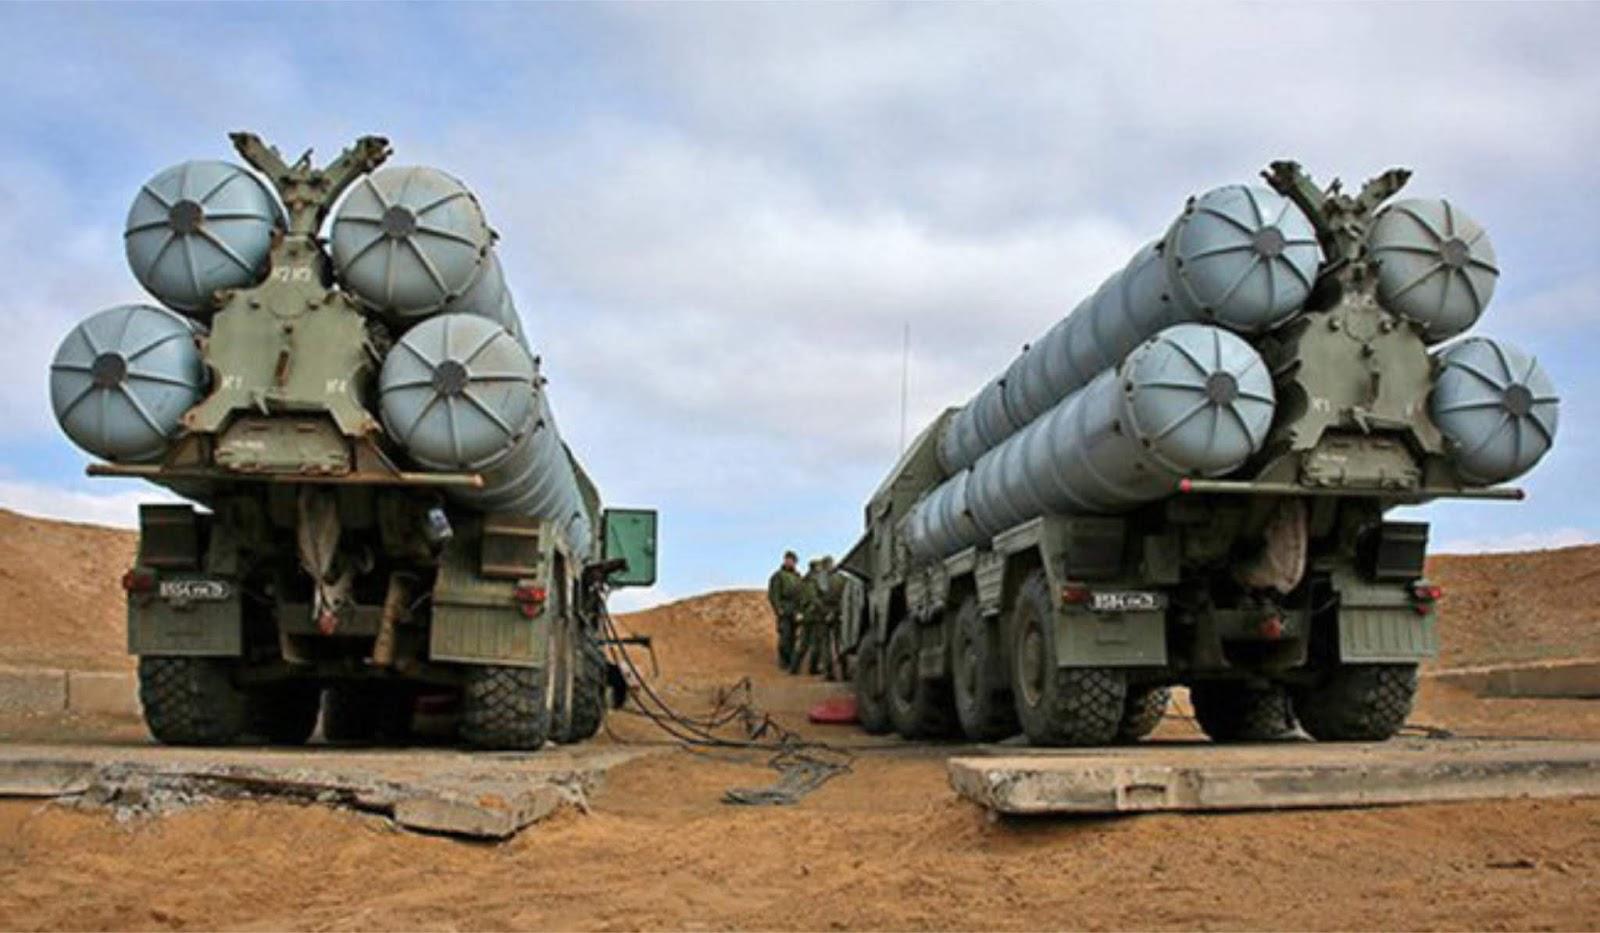 Pengerahan S-300 di Suriah akan menjadi ancaman serius bagi Angkatan Udara Israel